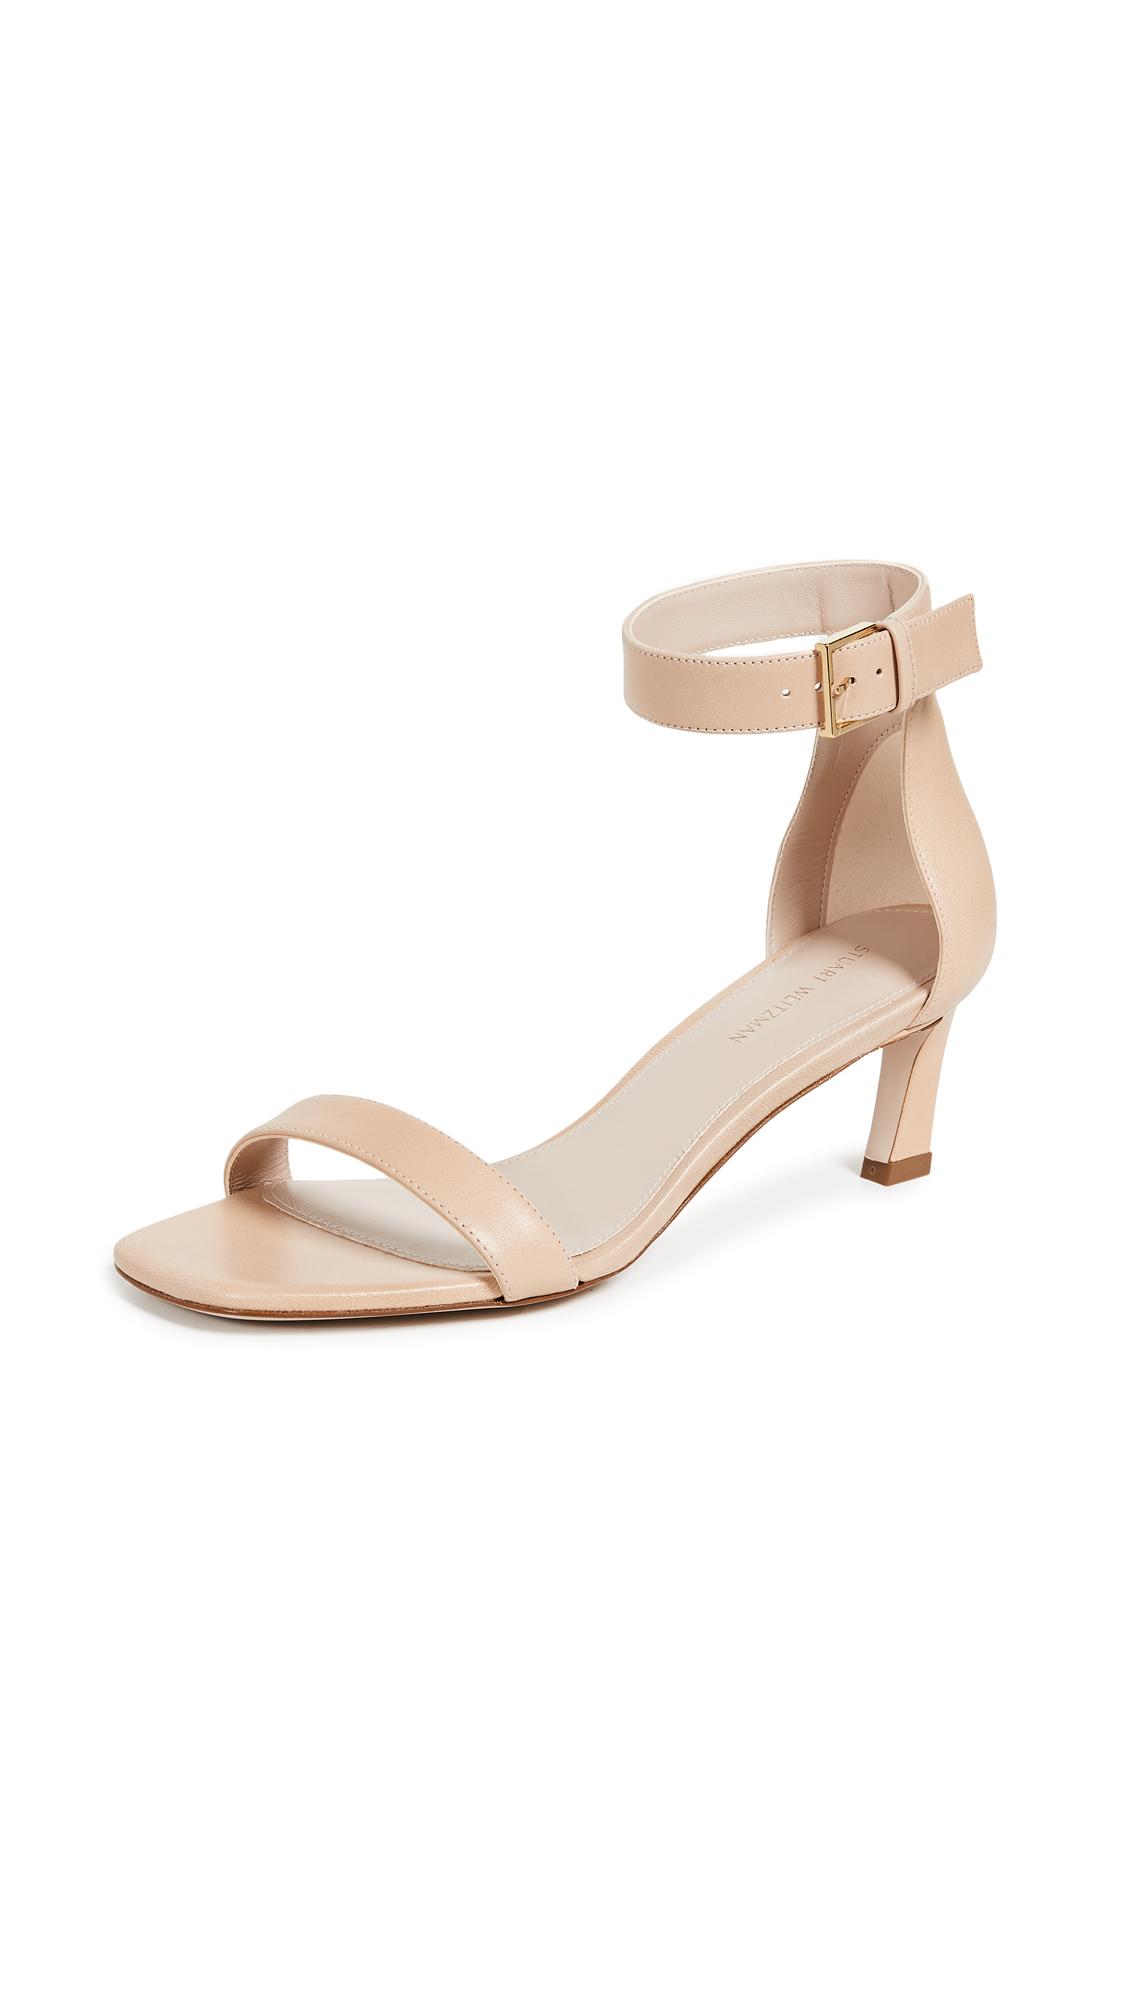 Photo of Stuart Weitzman Square Nudist 45mm Sandals online shoes sales